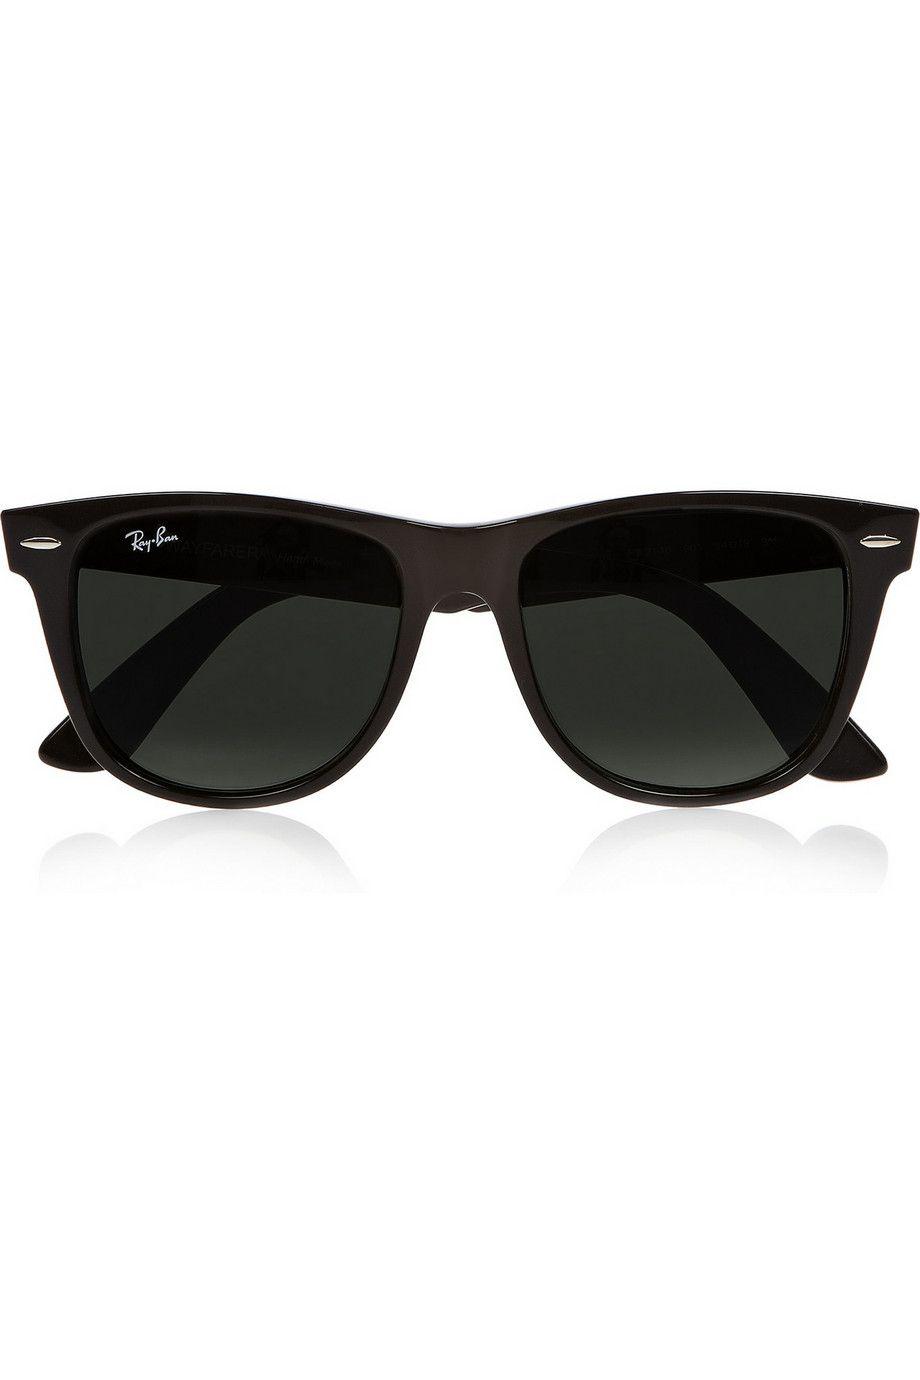 Ray-Ban | The Wayfarer D-frame acetate sunglasses | NET-A-PORTER.COM ...